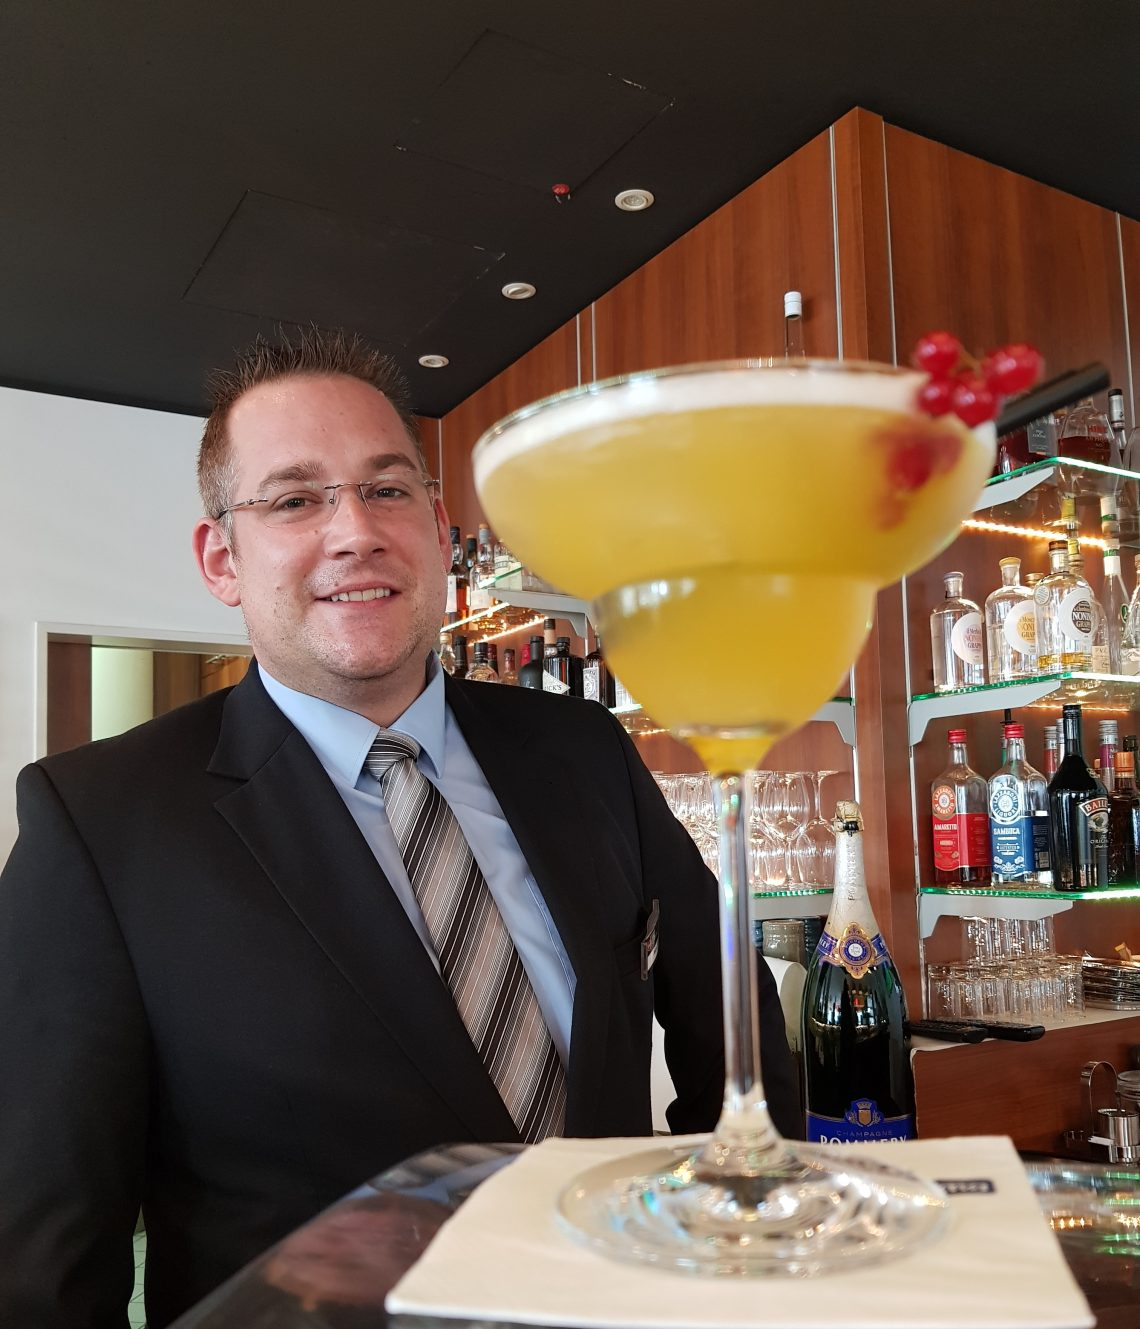 Kühle Cocktails gefragt?